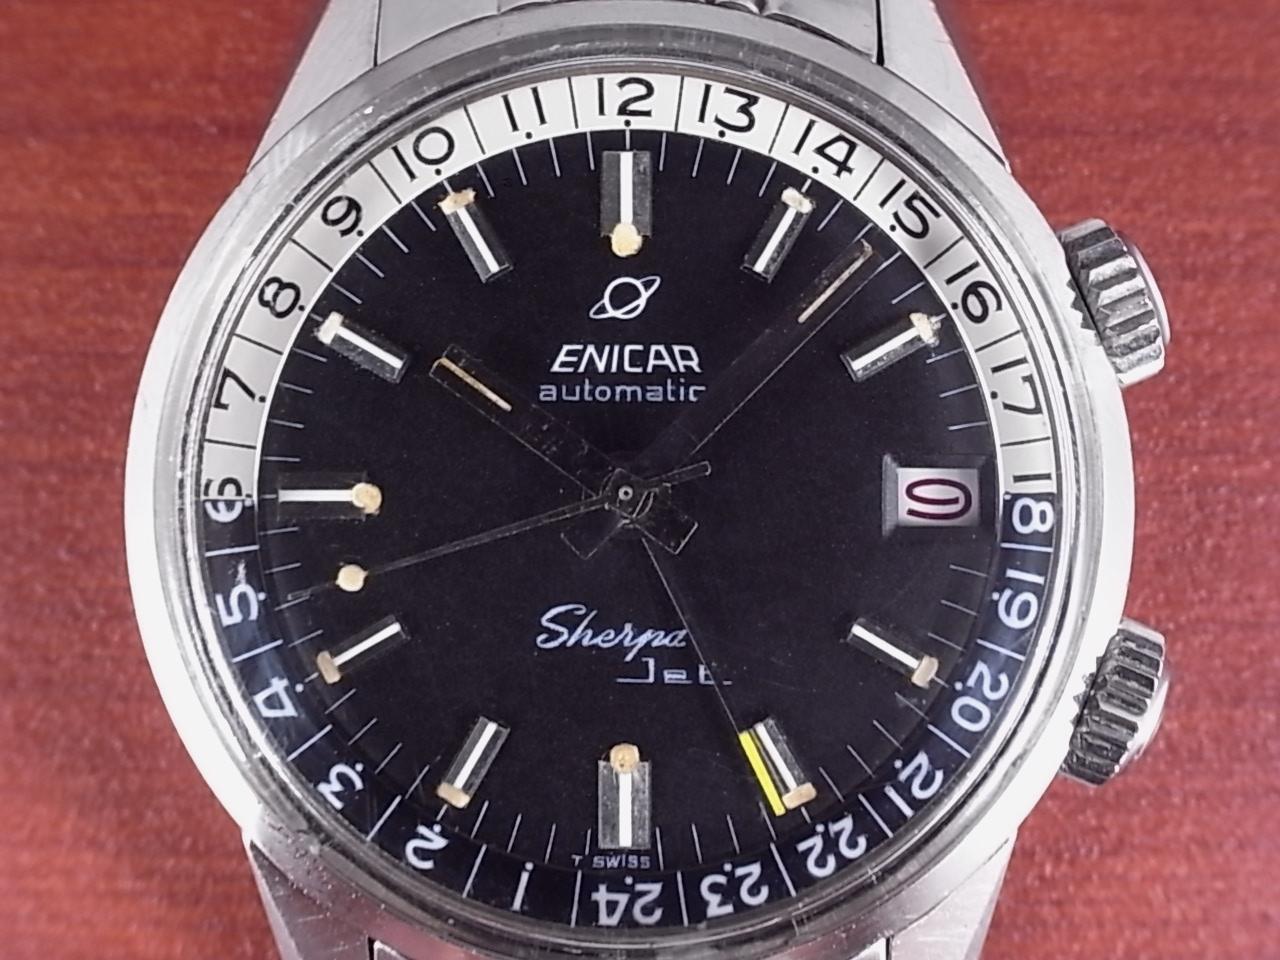 エニカ シェルパジェット GMT EPSAケース ダイバーズウォッチ 1960年代の写真2枚目